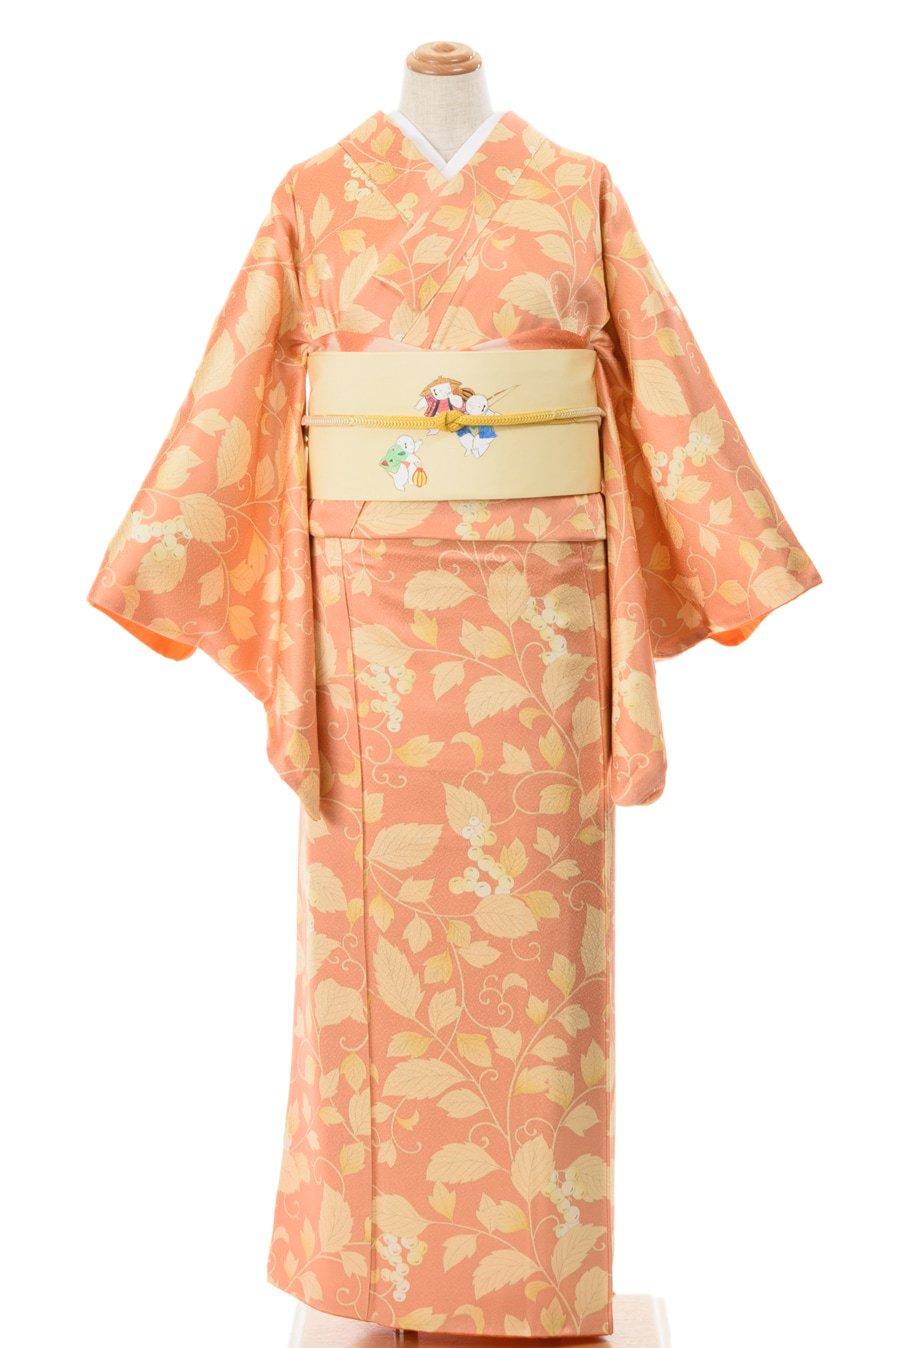 「オレンジピンク 葡萄の実」の商品画像